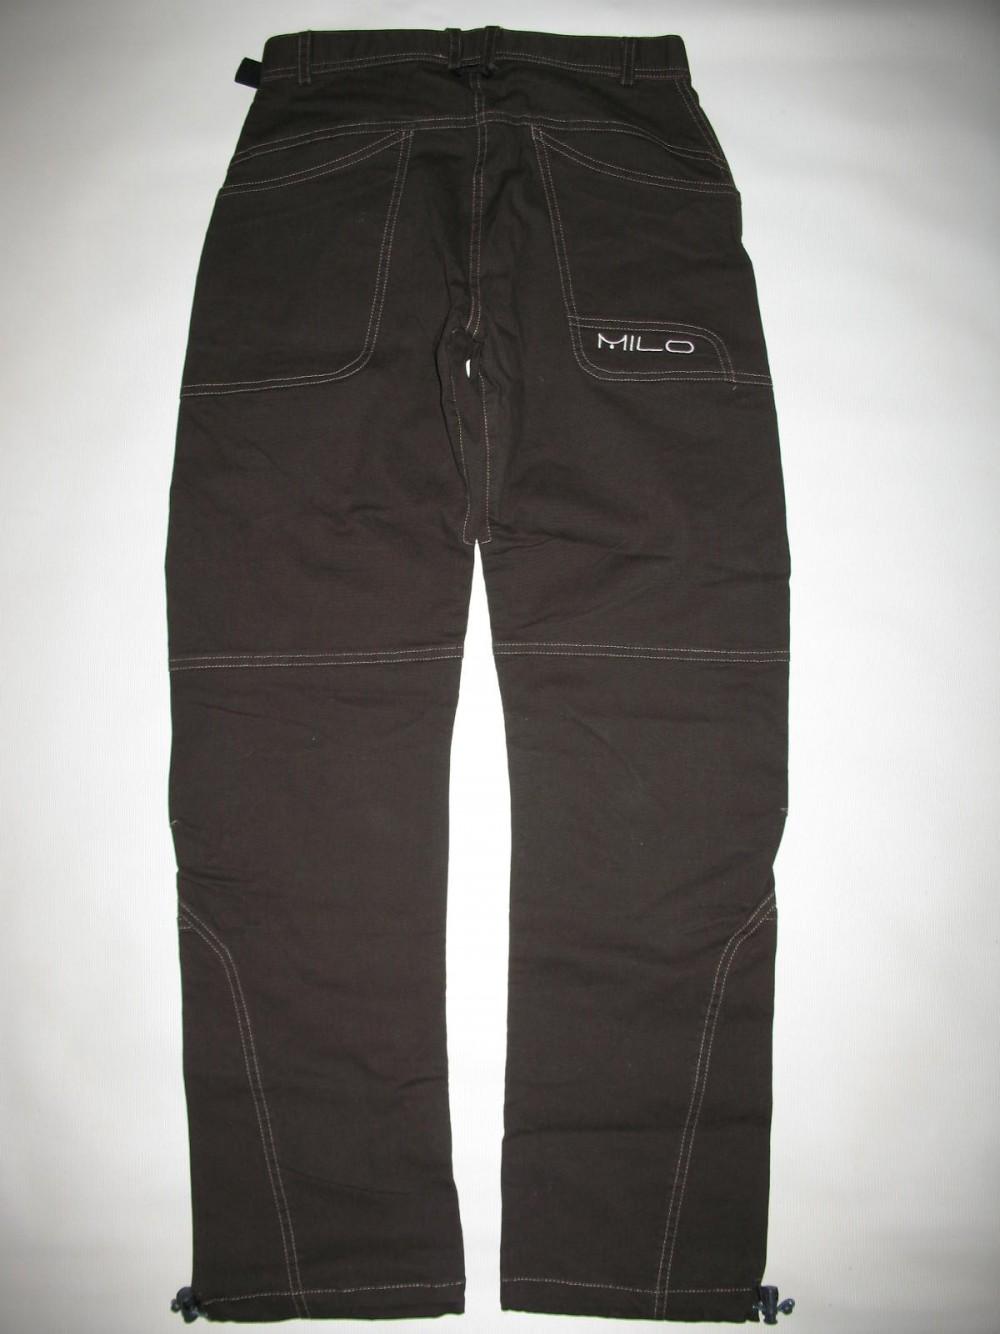 Штаны MILO loyc pants lady (размер S) - 1